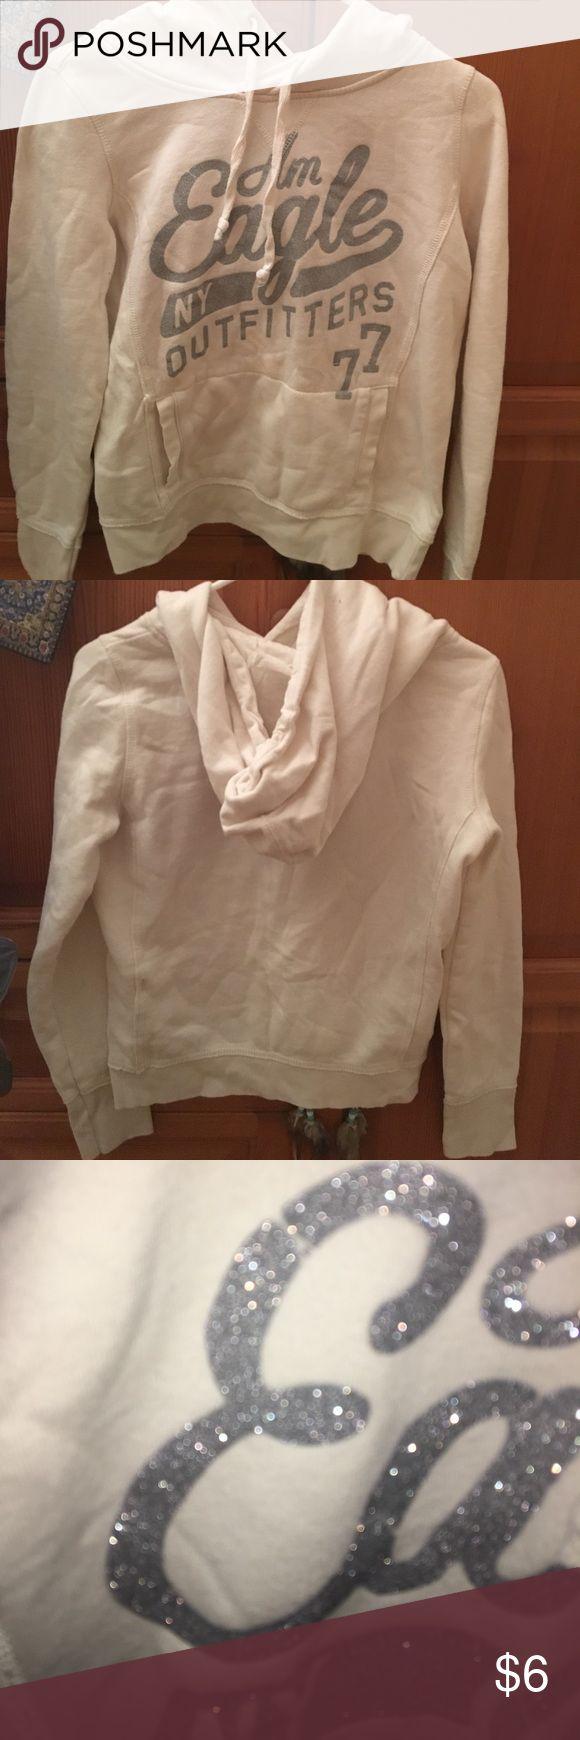 American eagle sweatshirt Off white casual hoodie Tops Sweatshirts & Hoodies